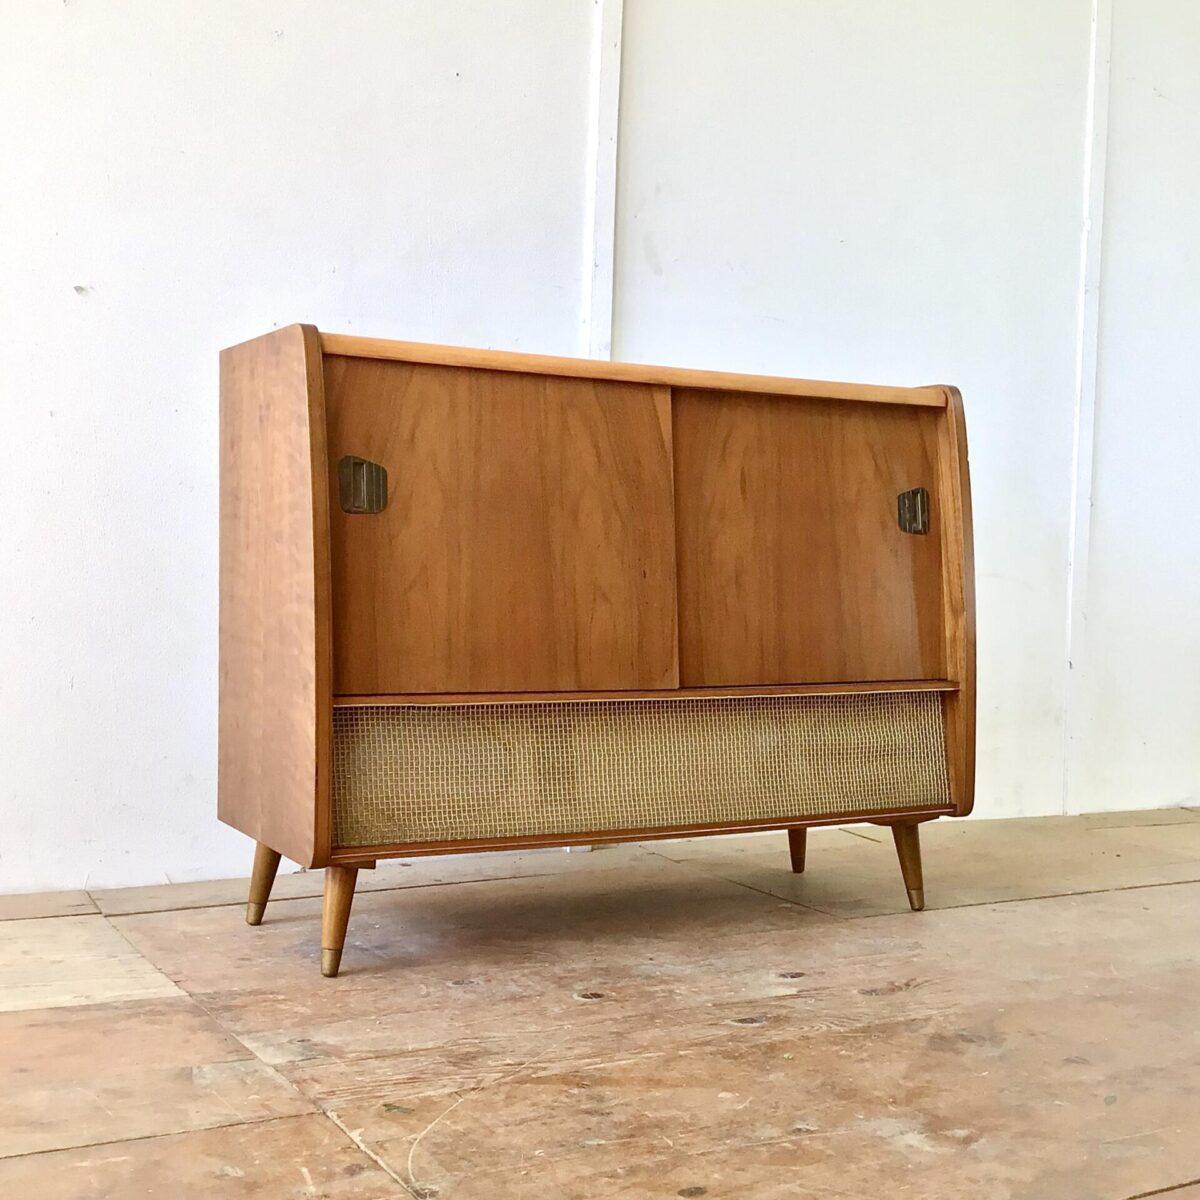 Deuxieme.shop. Altes Radiomöbel mit zwei Schiebetüren. Das Möbel ist, bis auf die Lautsprecher, ausgeschlachtet. Es kann gut als Sideboard mit etwas Stauraum verwendet werden.